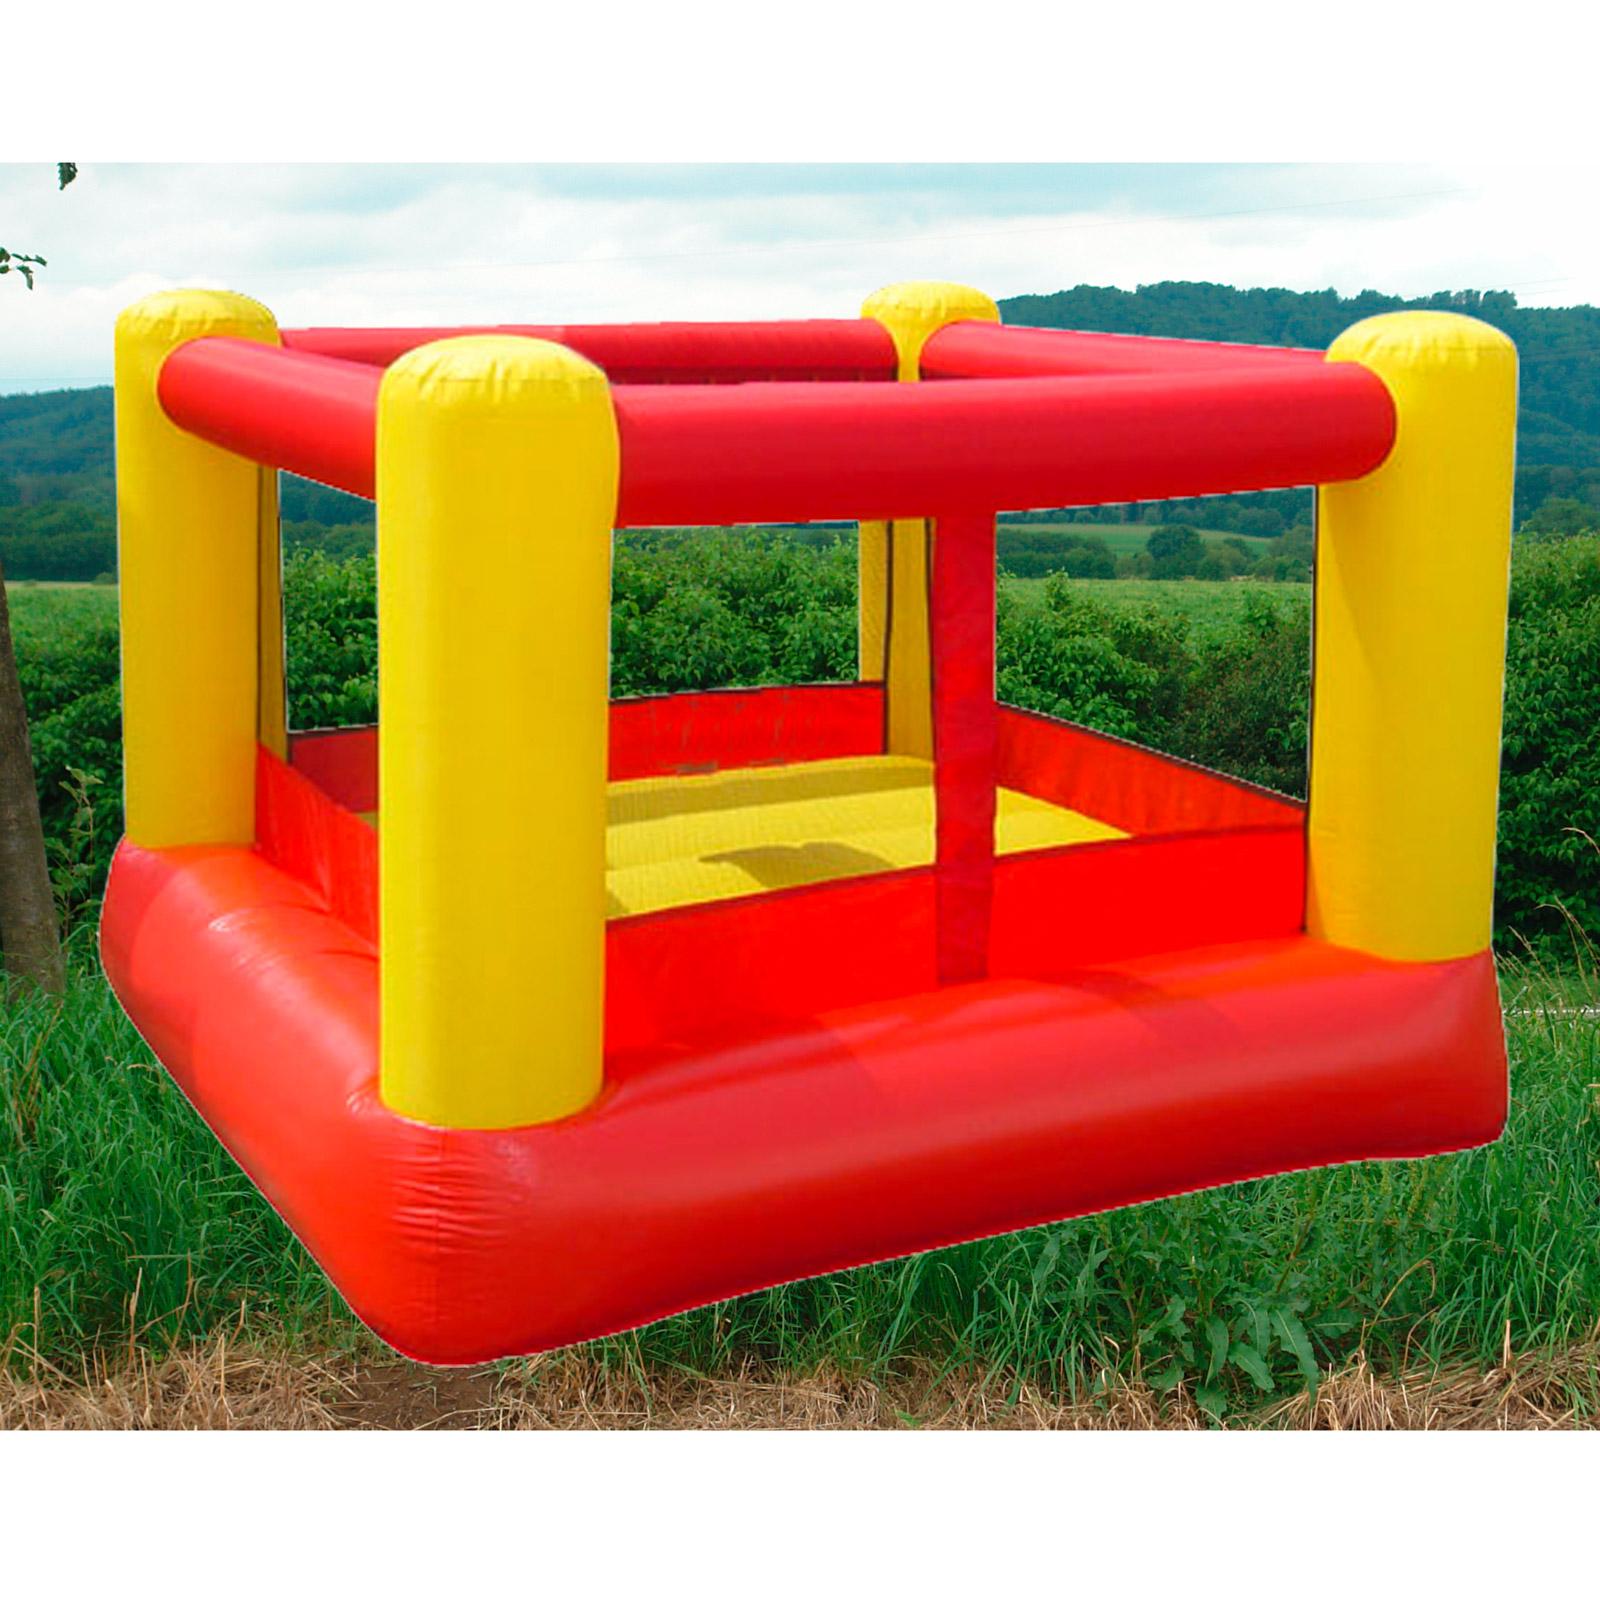 911552 kinder spielburg h pfburg boxring ebay. Black Bedroom Furniture Sets. Home Design Ideas